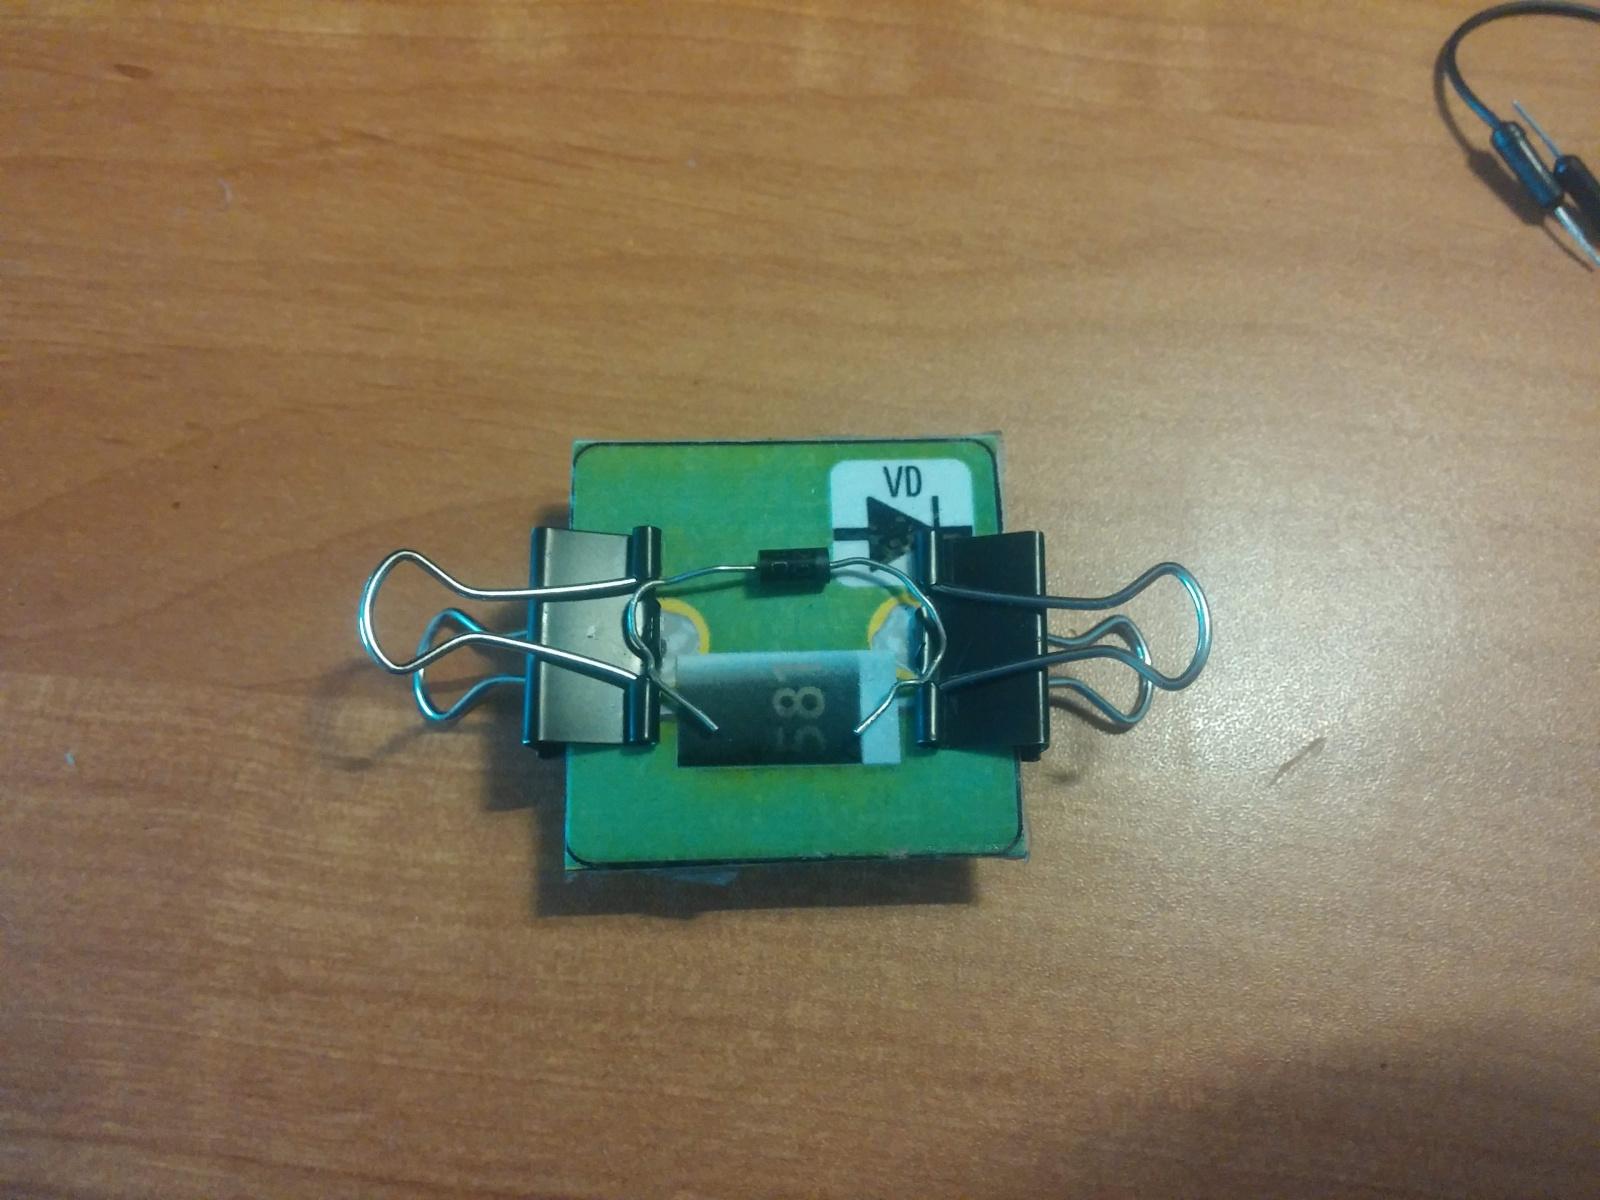 Превращаем картонную электрическую схему в настоящую или как сделать простой конструктор из настольной игры - 6